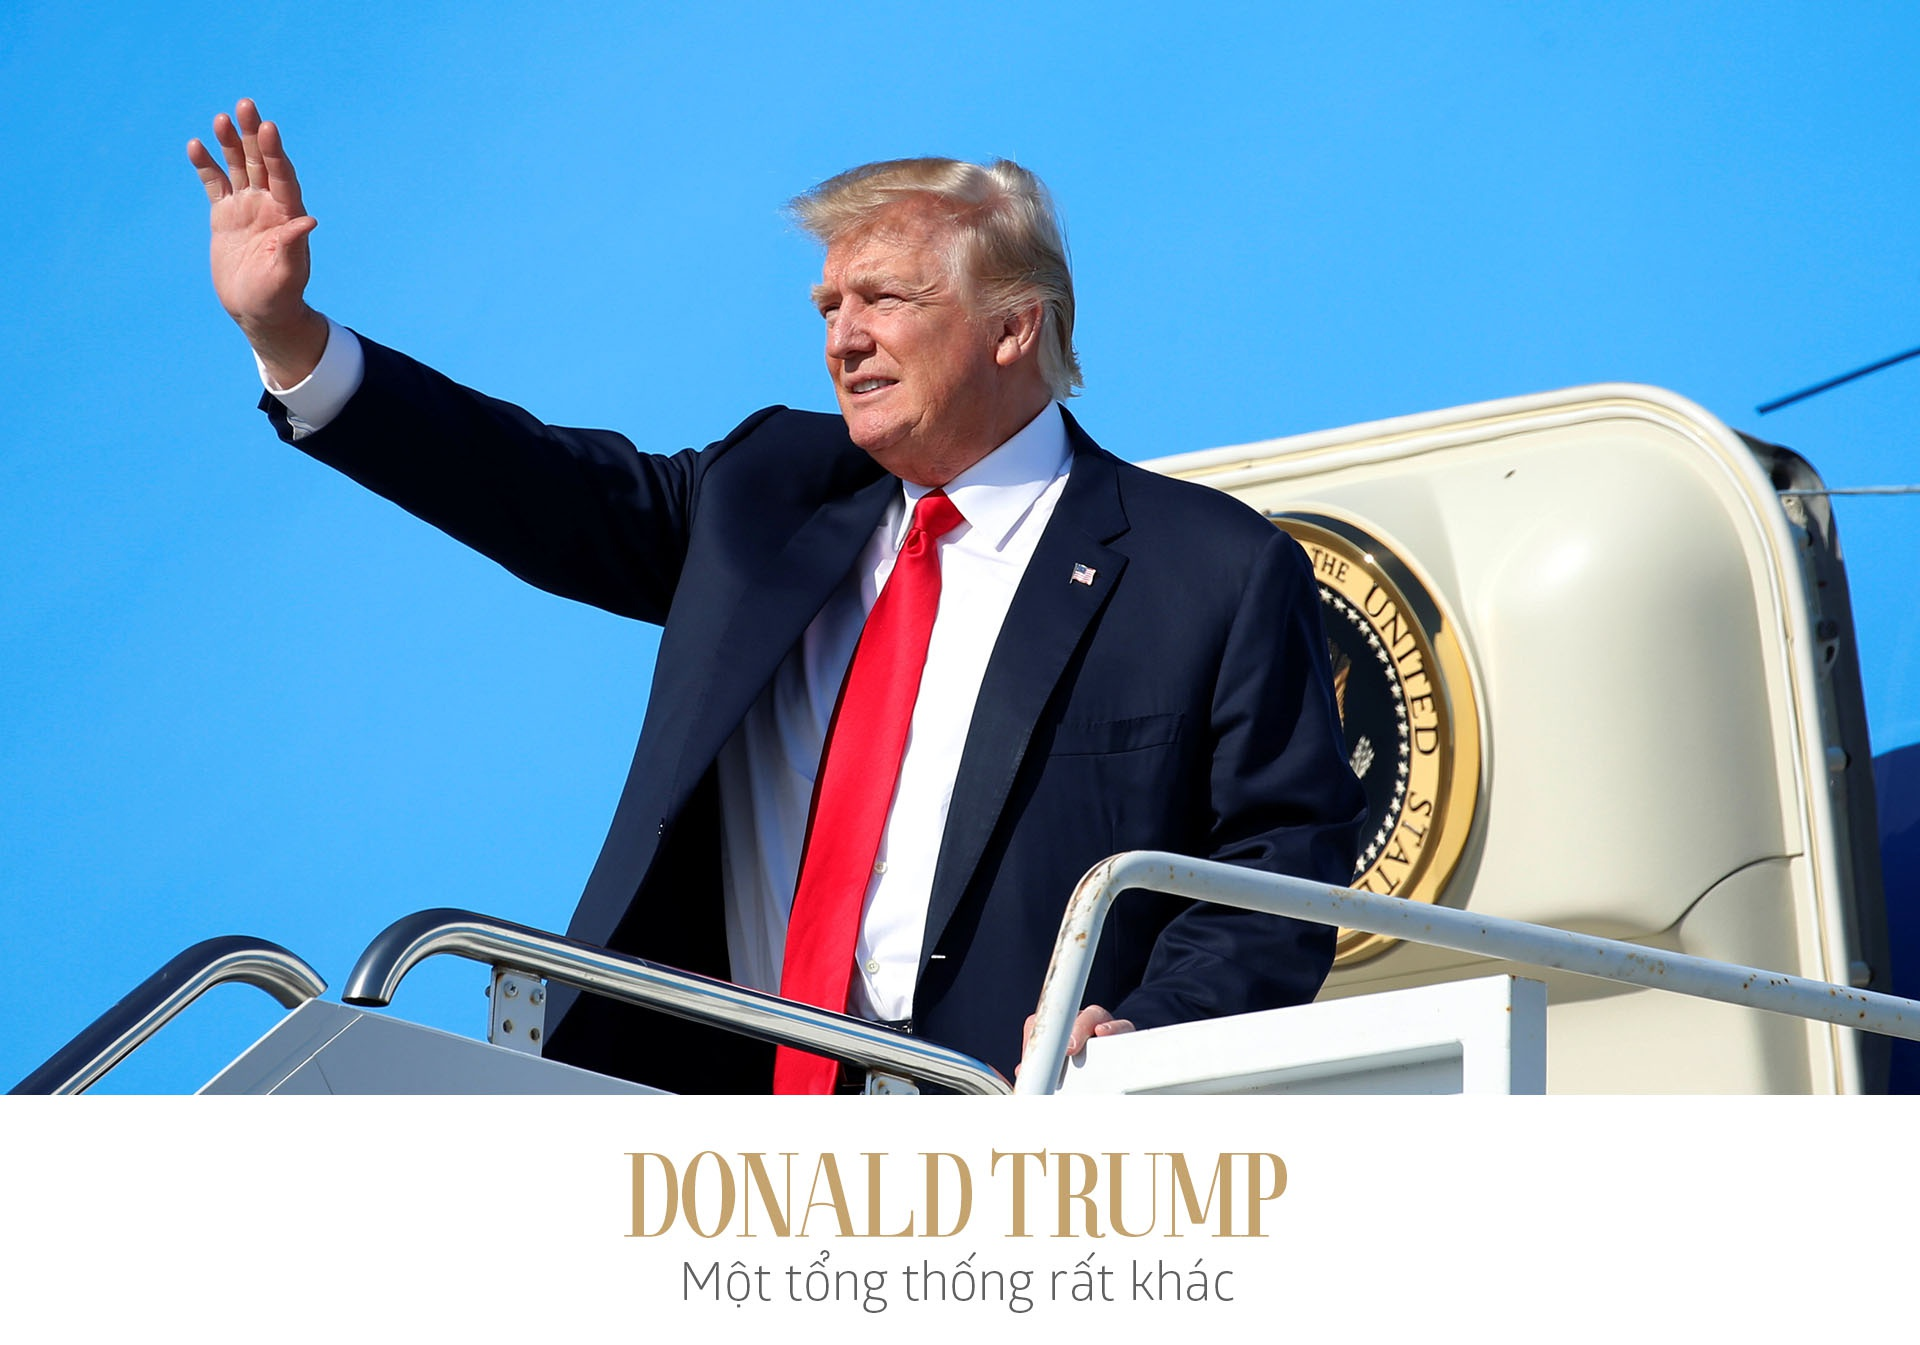 Donald Trump - Mot tong thong rat khac cua nuoc My hinh anh 1